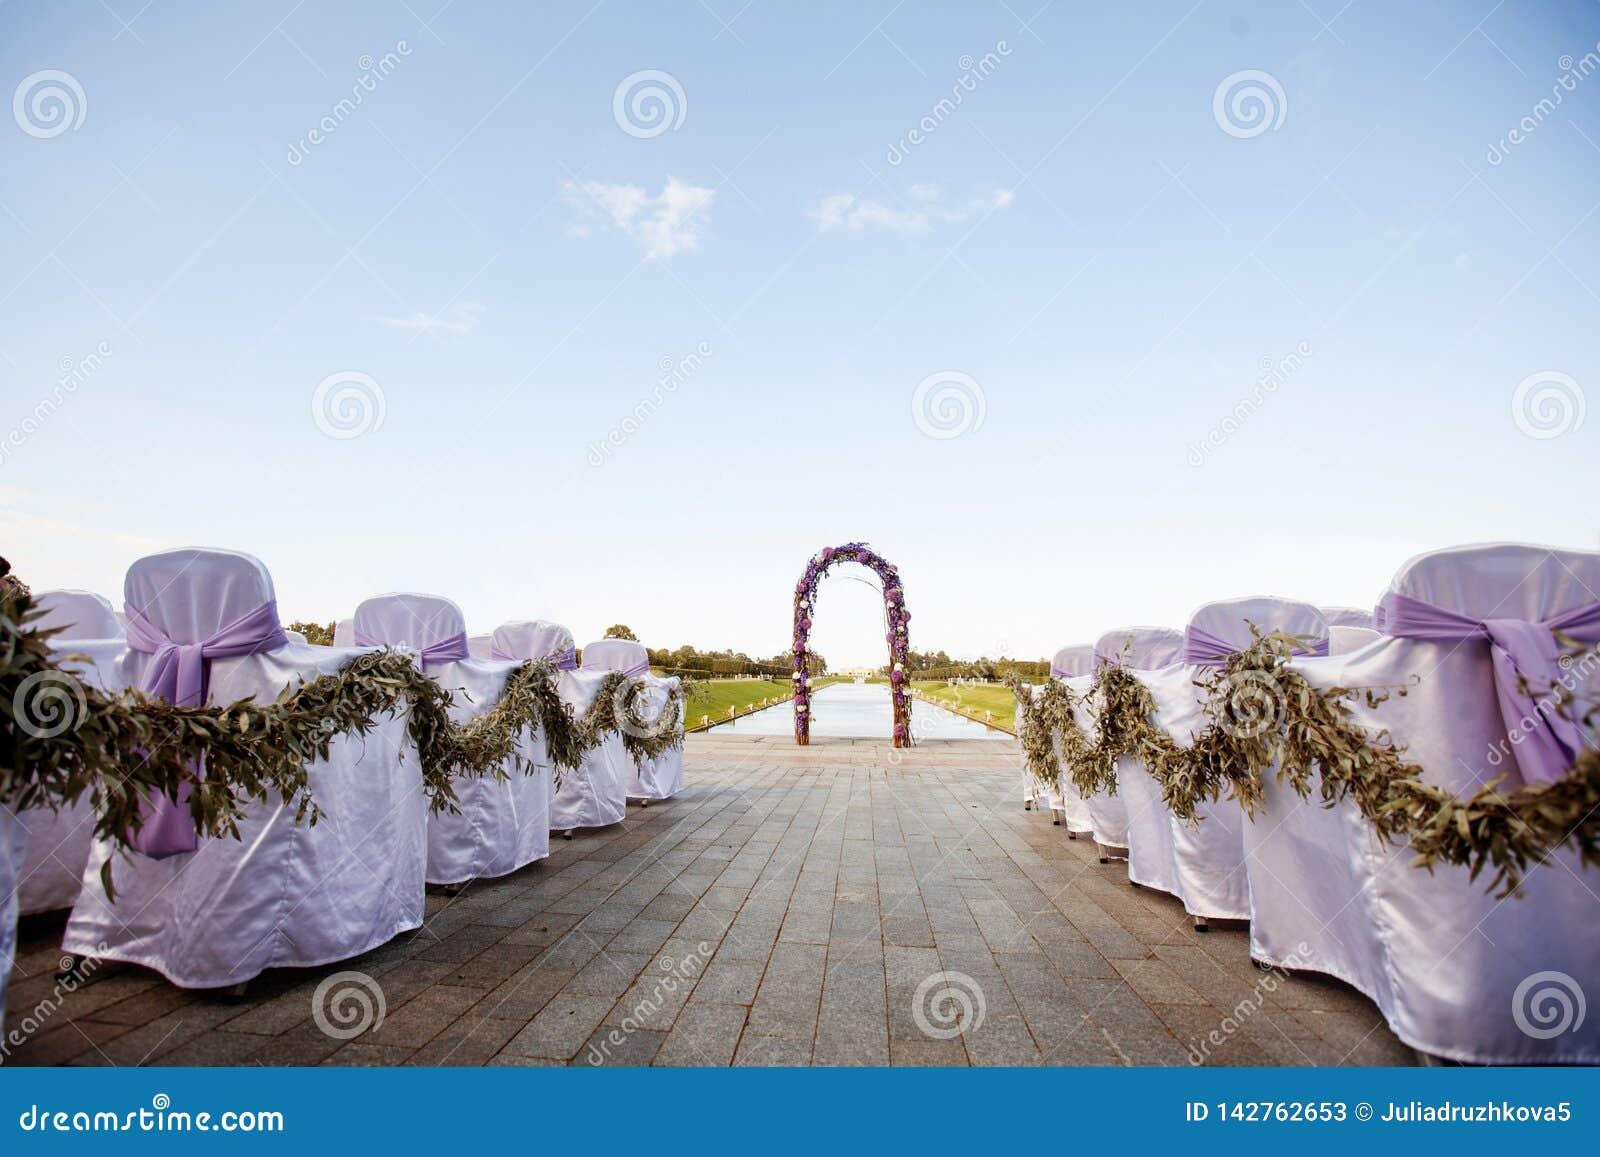 Härligt bröllop Den runda bågen dekoreras med blommor och grönska, ceremonin på kusten Gäststolar dekoreras